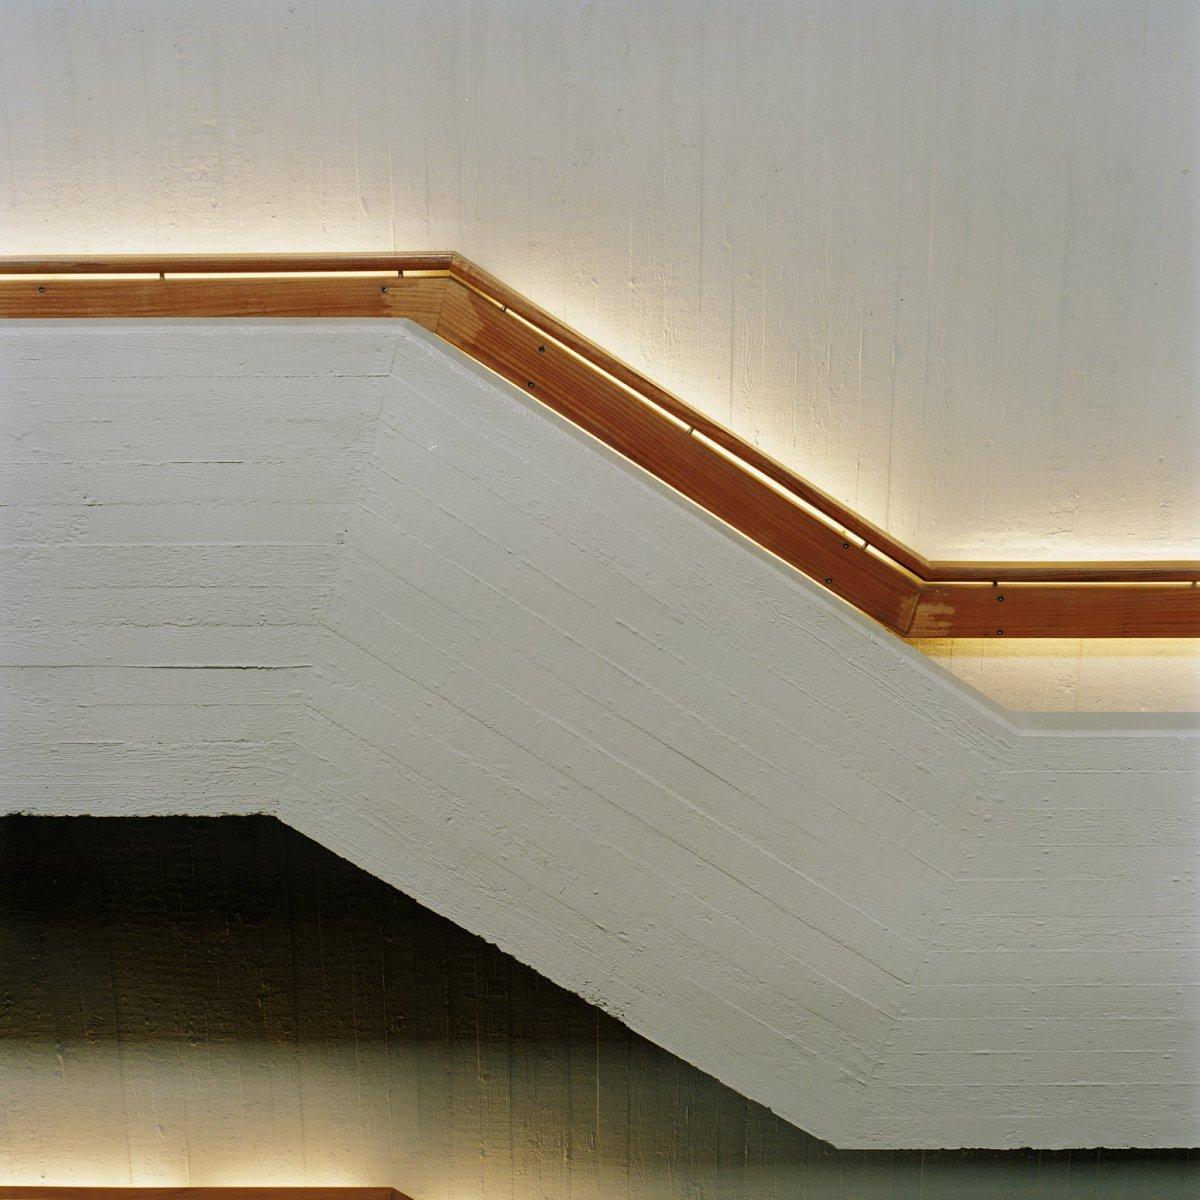 File:Interieur, detail van de trapleuning met de TL-verlichting en ...